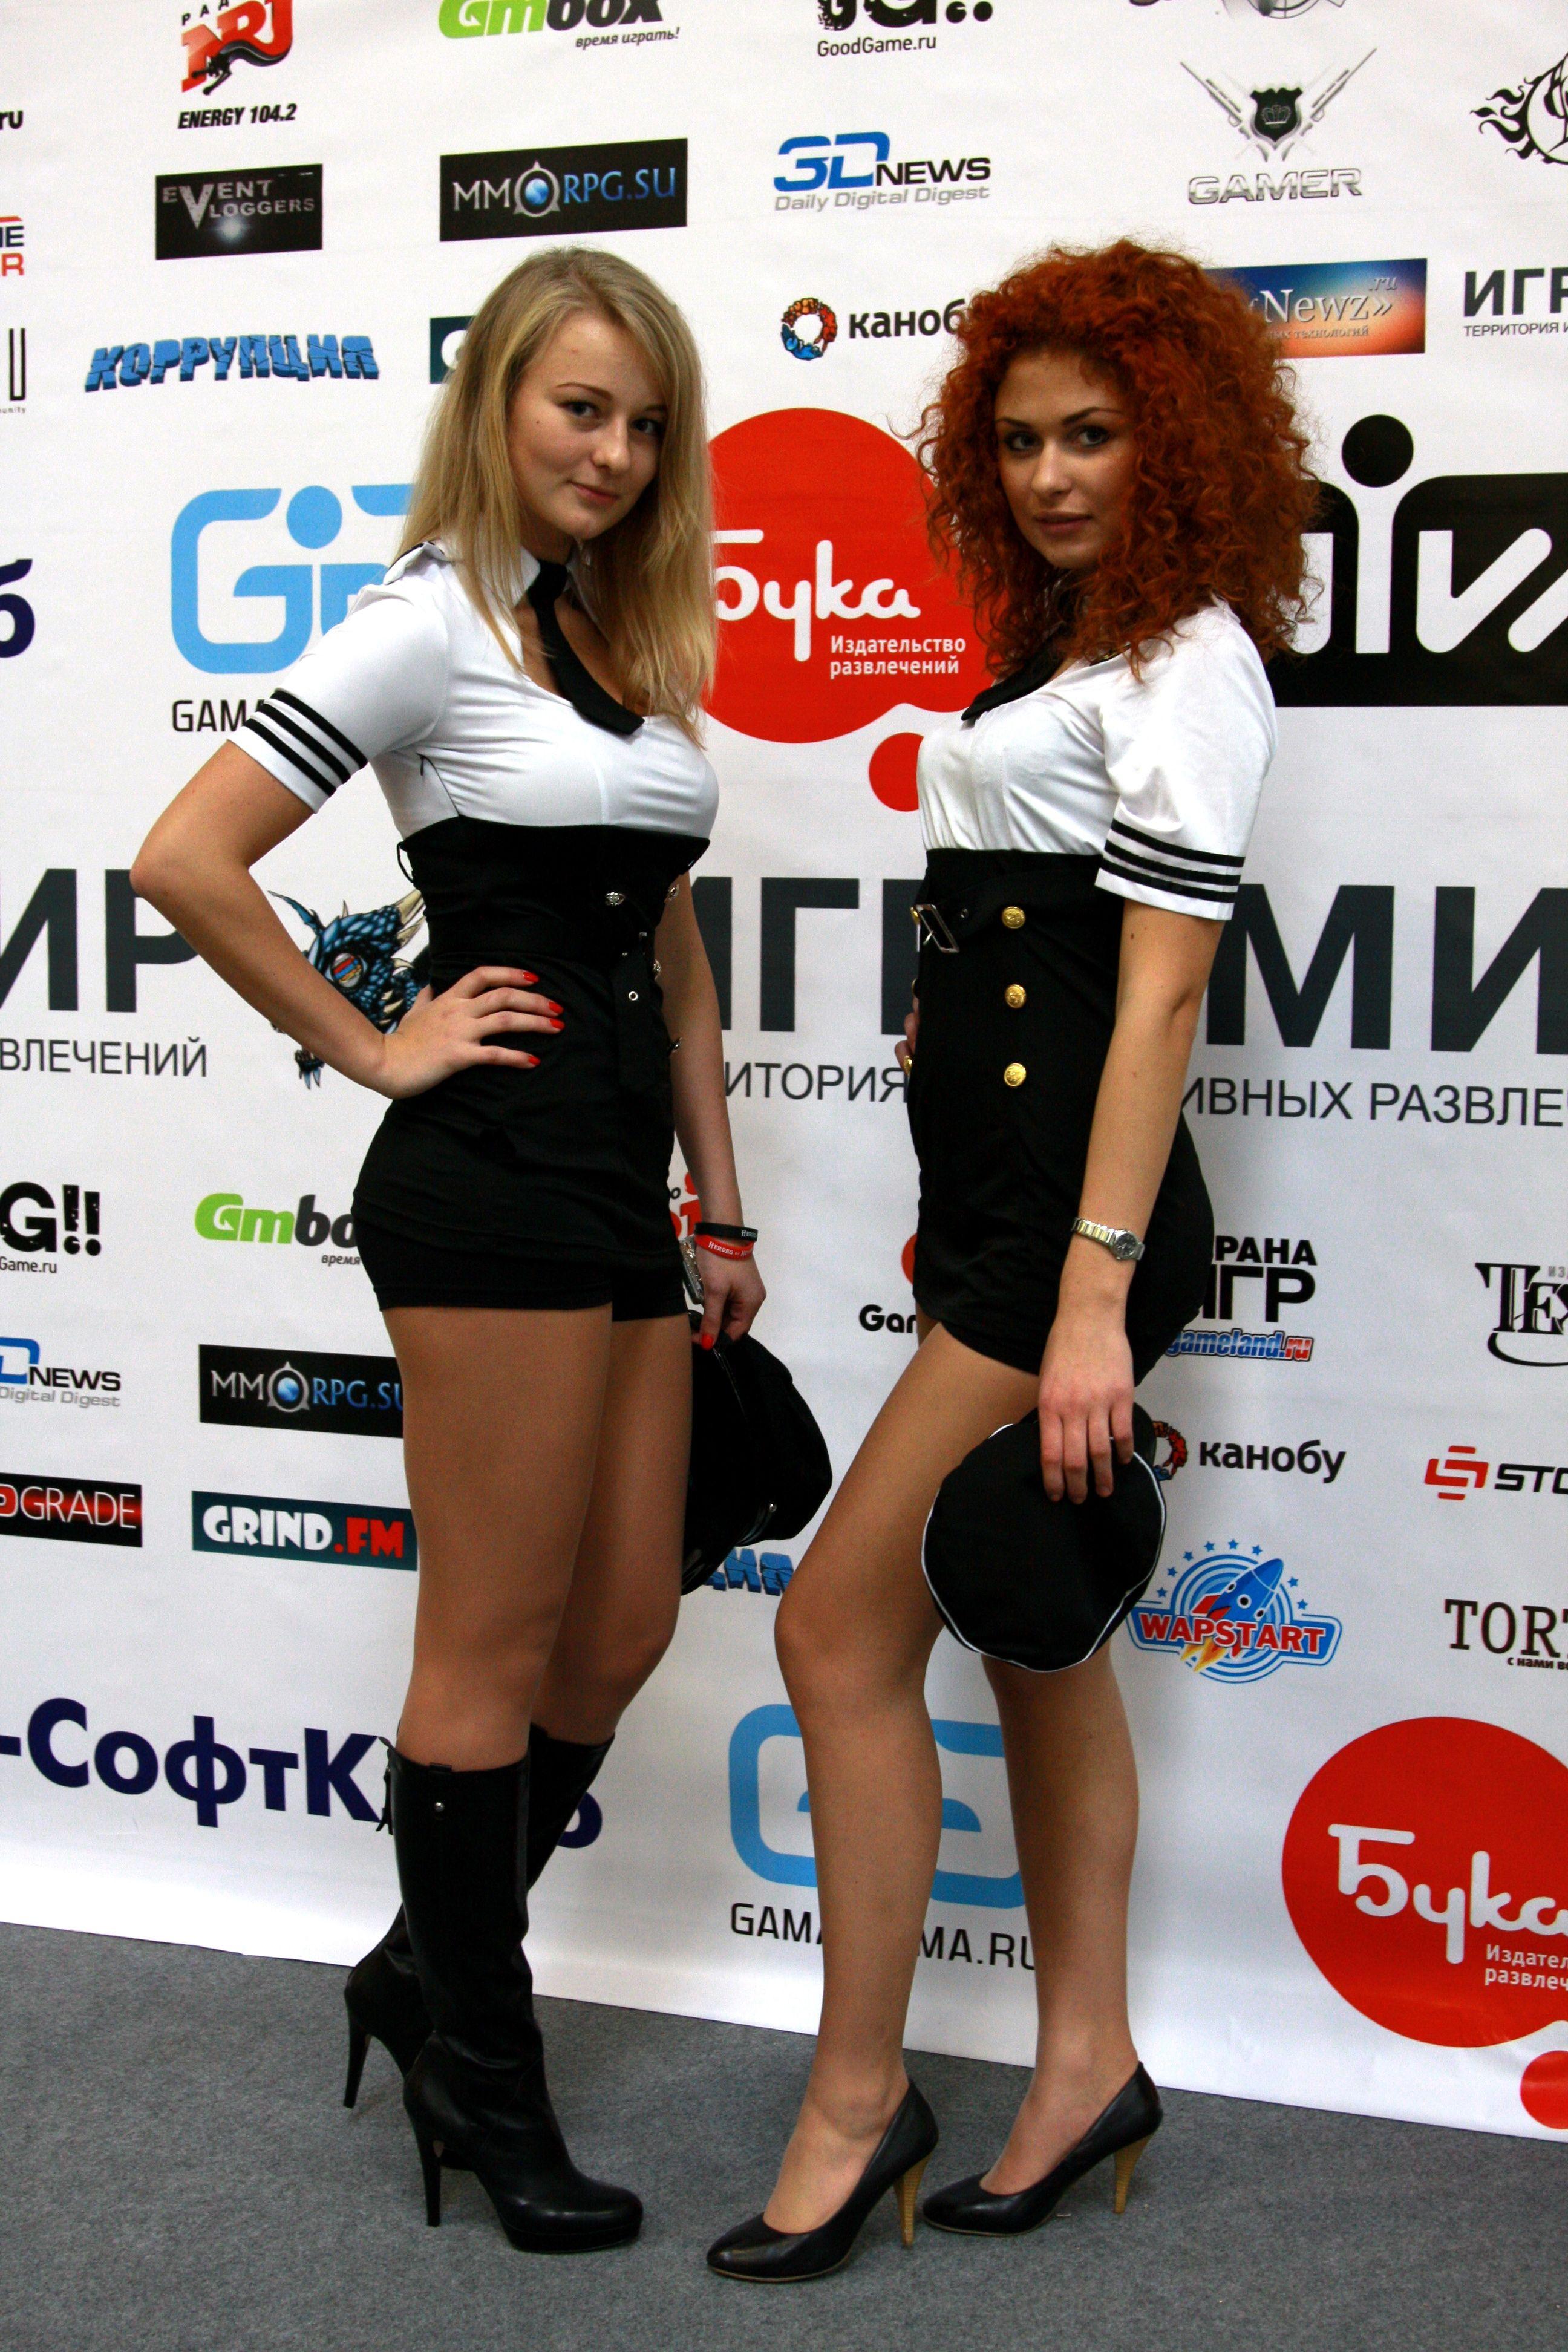 Девушки с выставки Game Show 2012 в Токио. Сексуальный девушки с